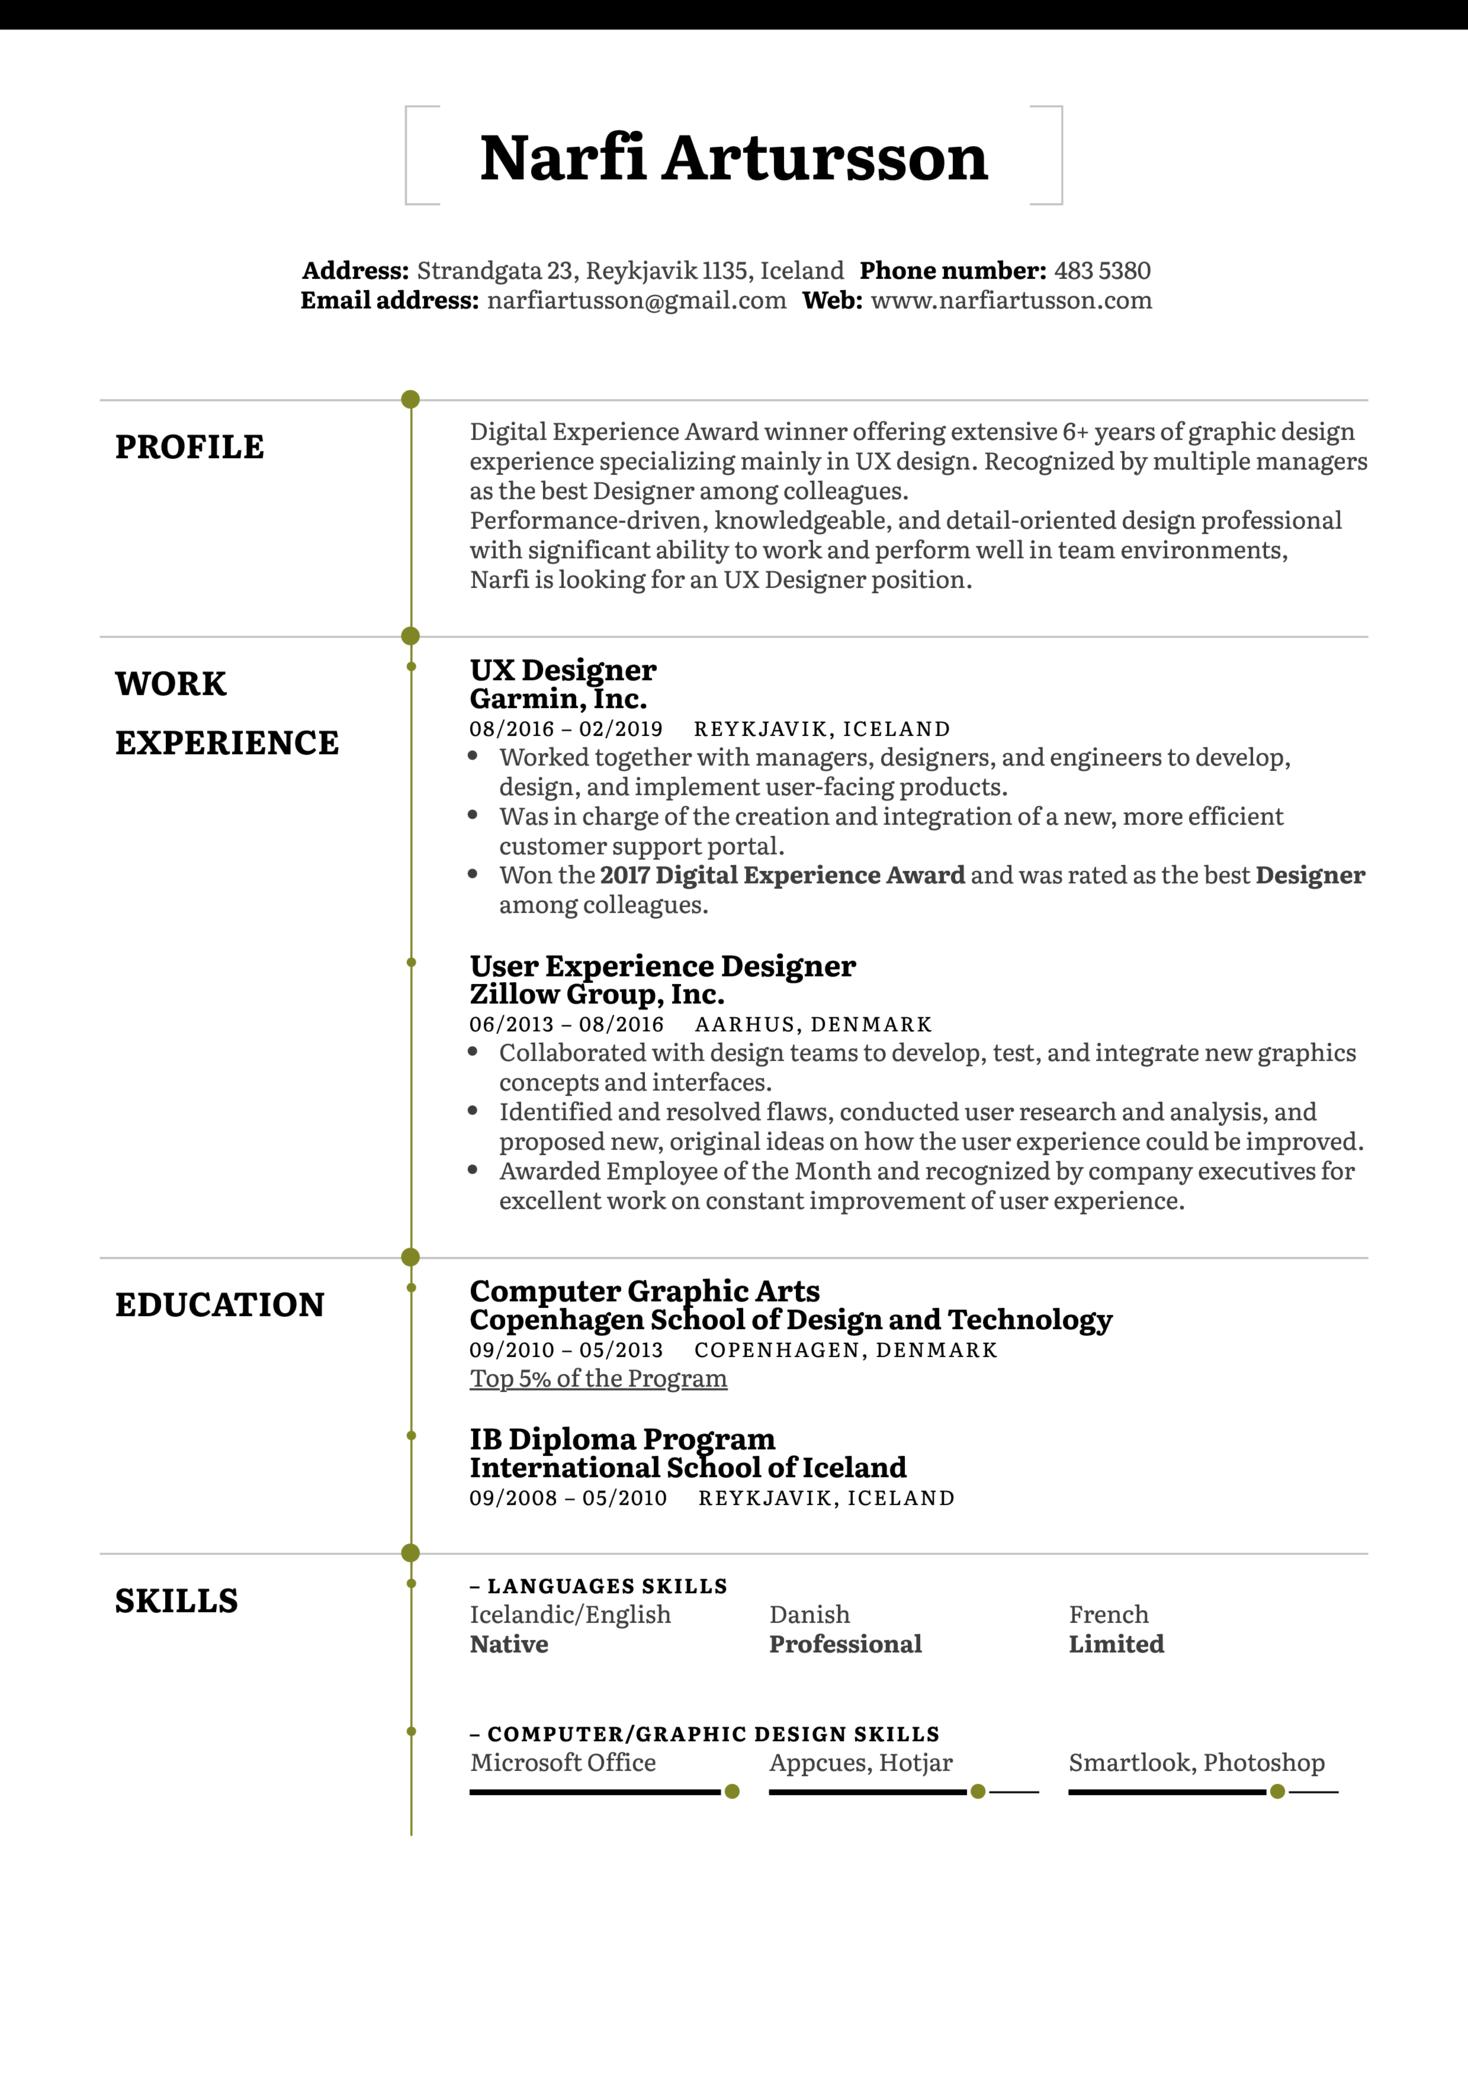 UX Designer Resume Example (parte 1)